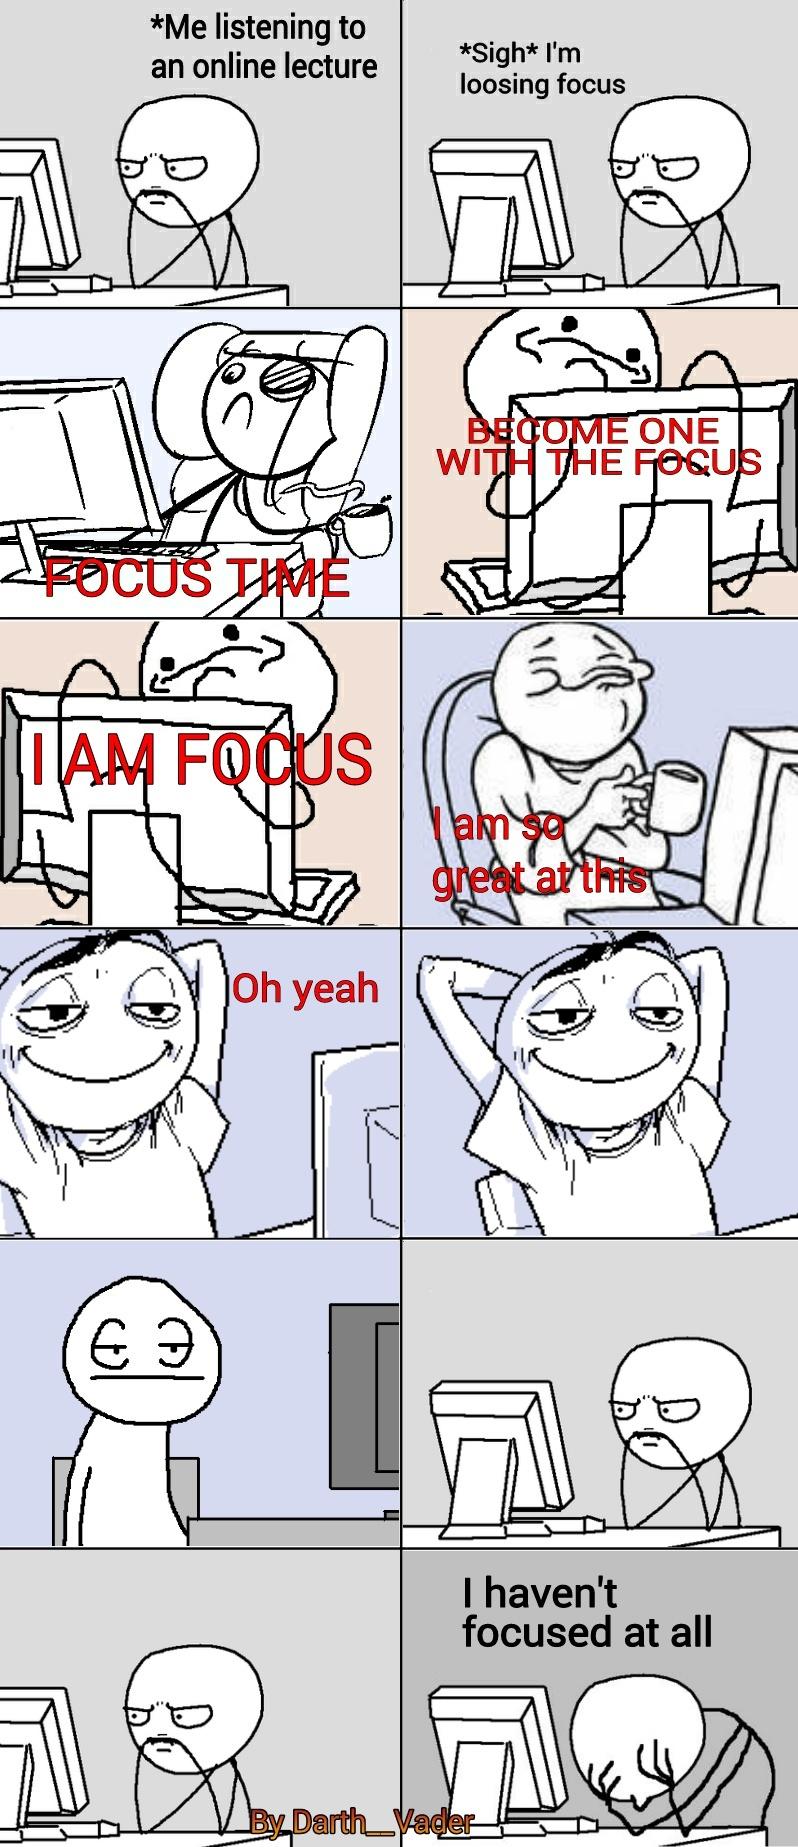 Focus - meme